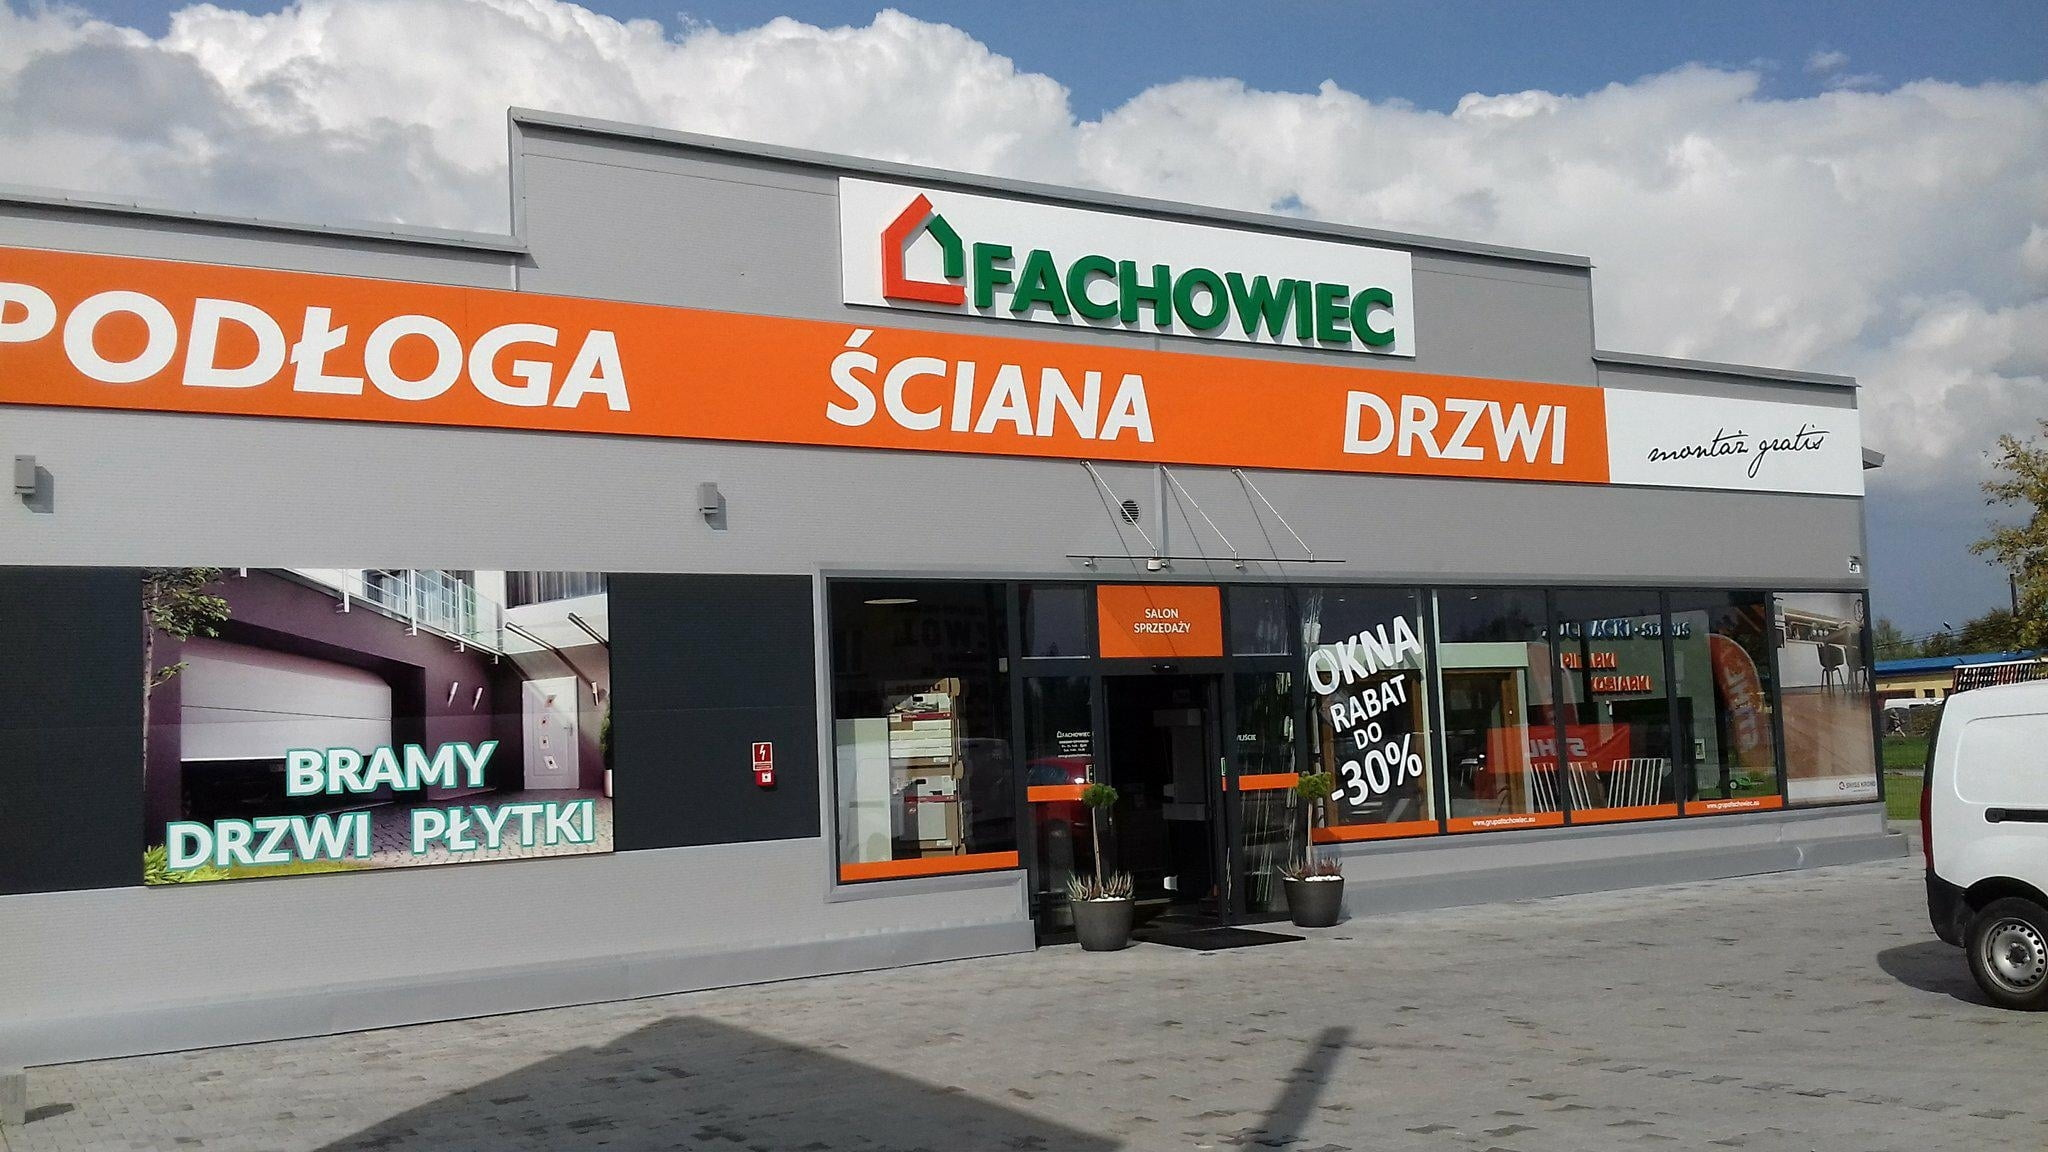 Nowy salon Fachowiec w Ostrowcu Świętokrzyskim zaprasza na zakupy!